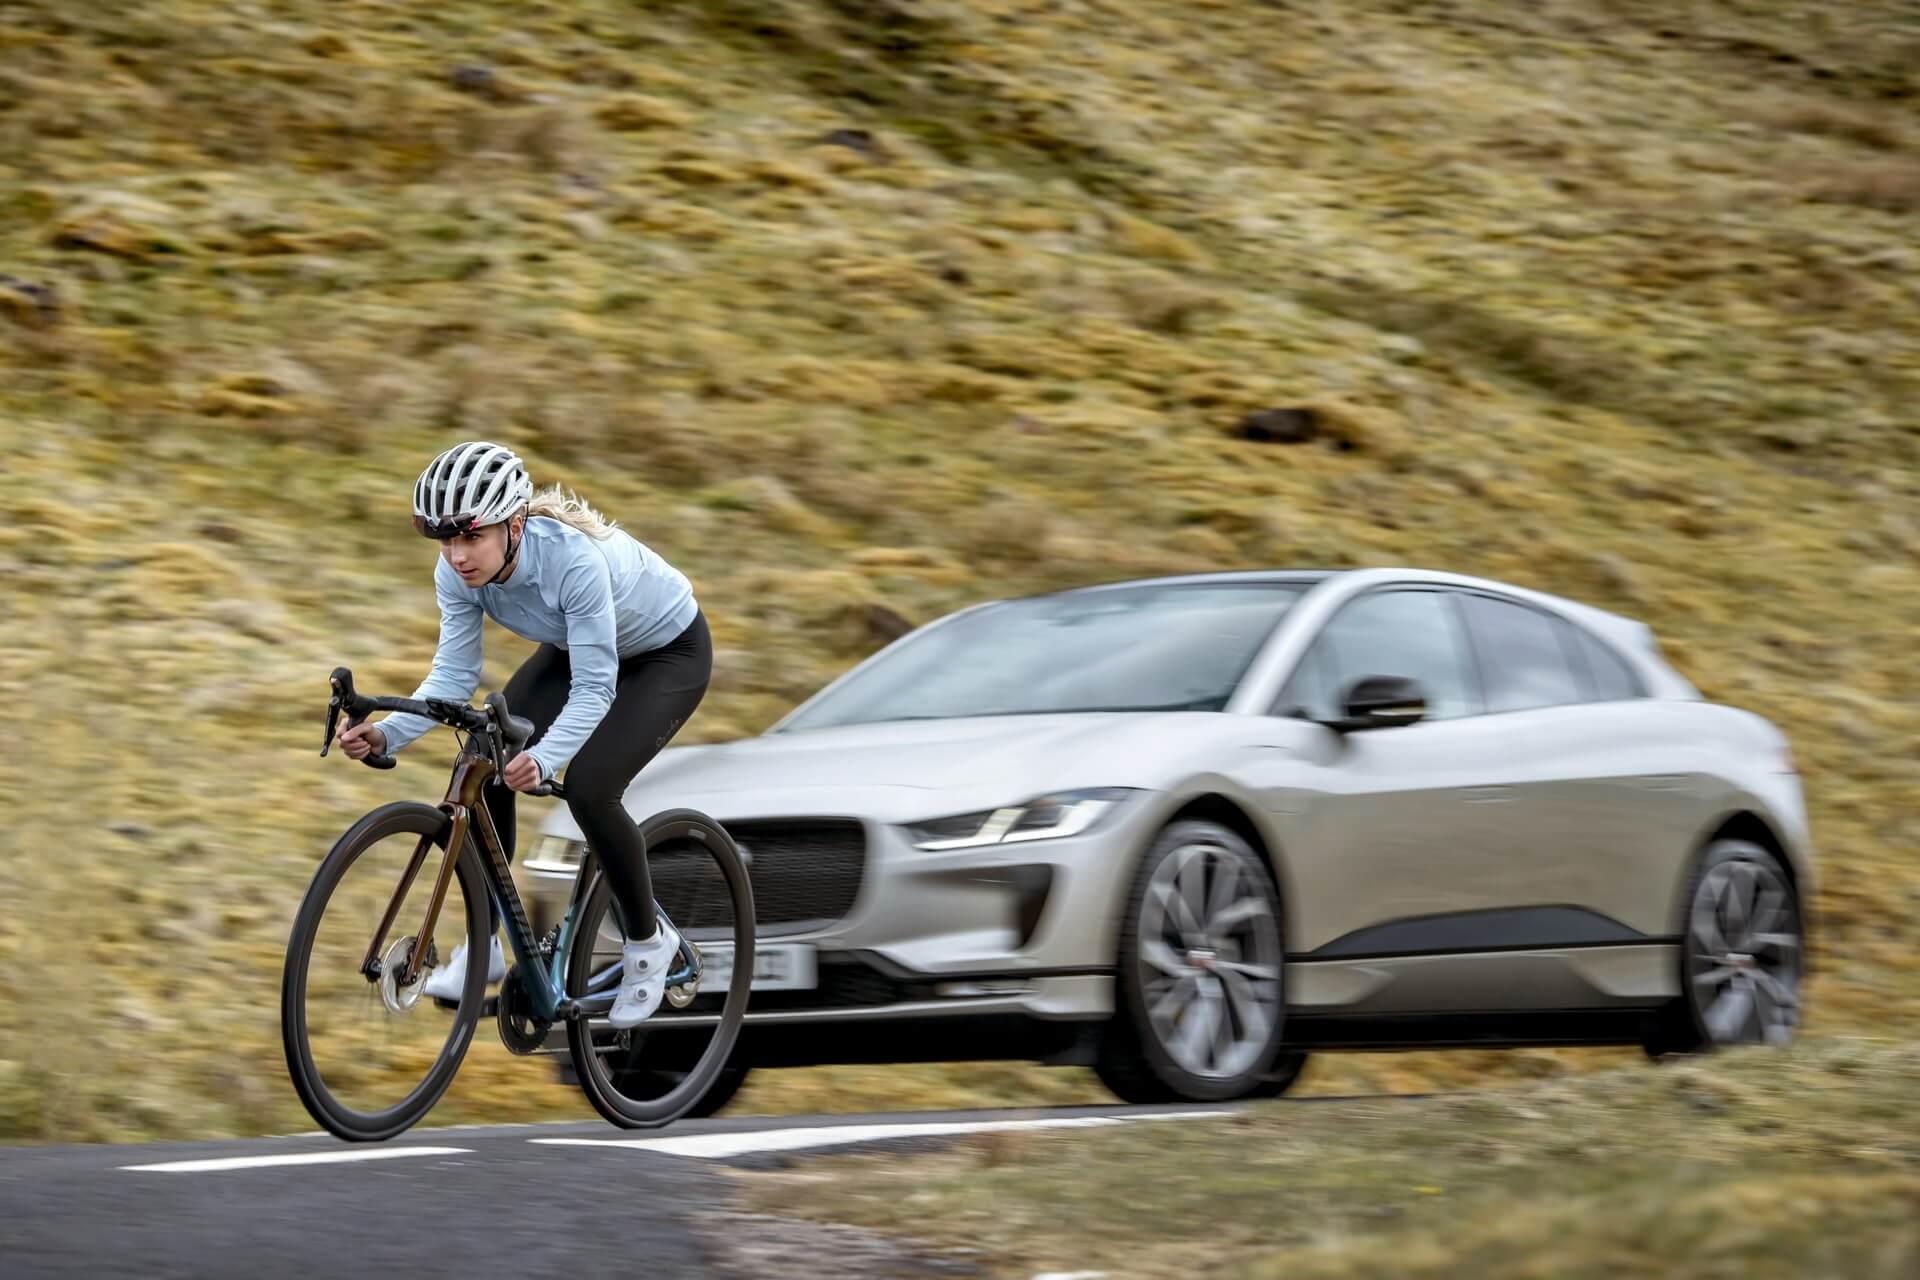 За рулем отмеченного наградами электромобиля Jaguar находилась Елинор Баркер — олимпийская чемпионка и чемпионка мира по велоспорту из Британии, кавалер Ордена Британской империи (MBE)